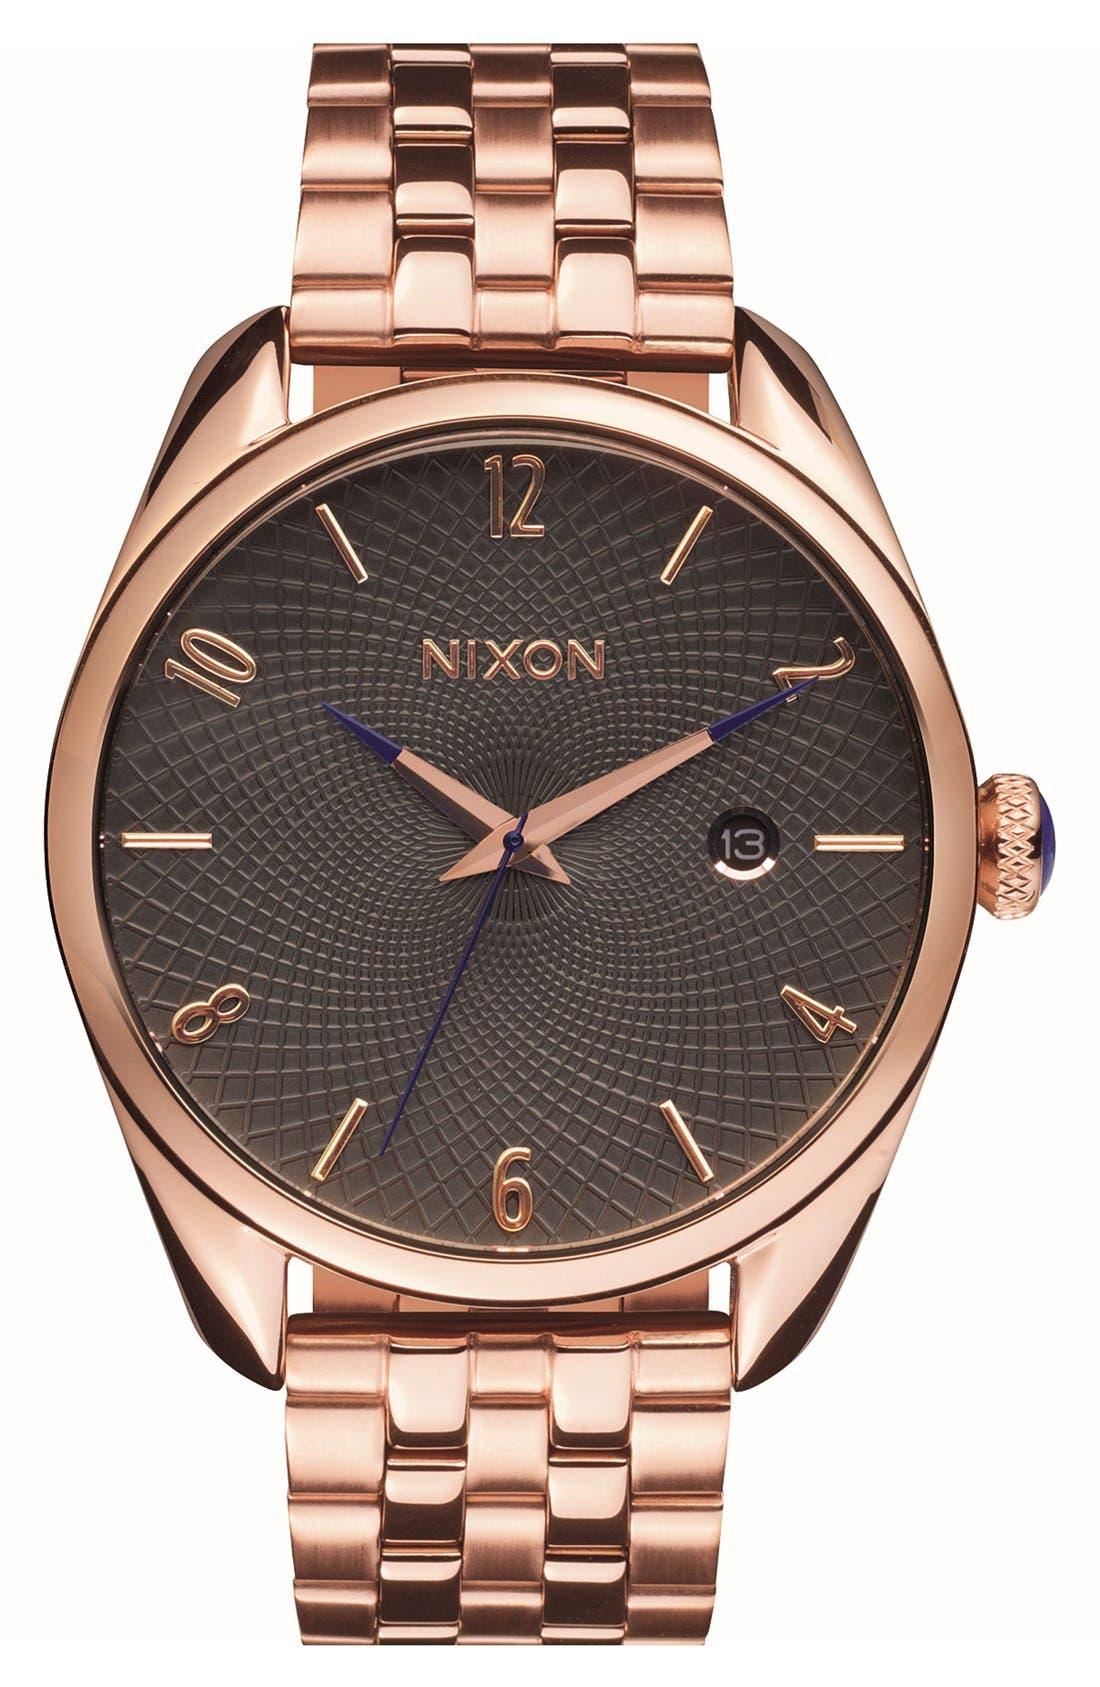 NIXON Bullet Guilloche Dial Bracelet Watch, 38mm